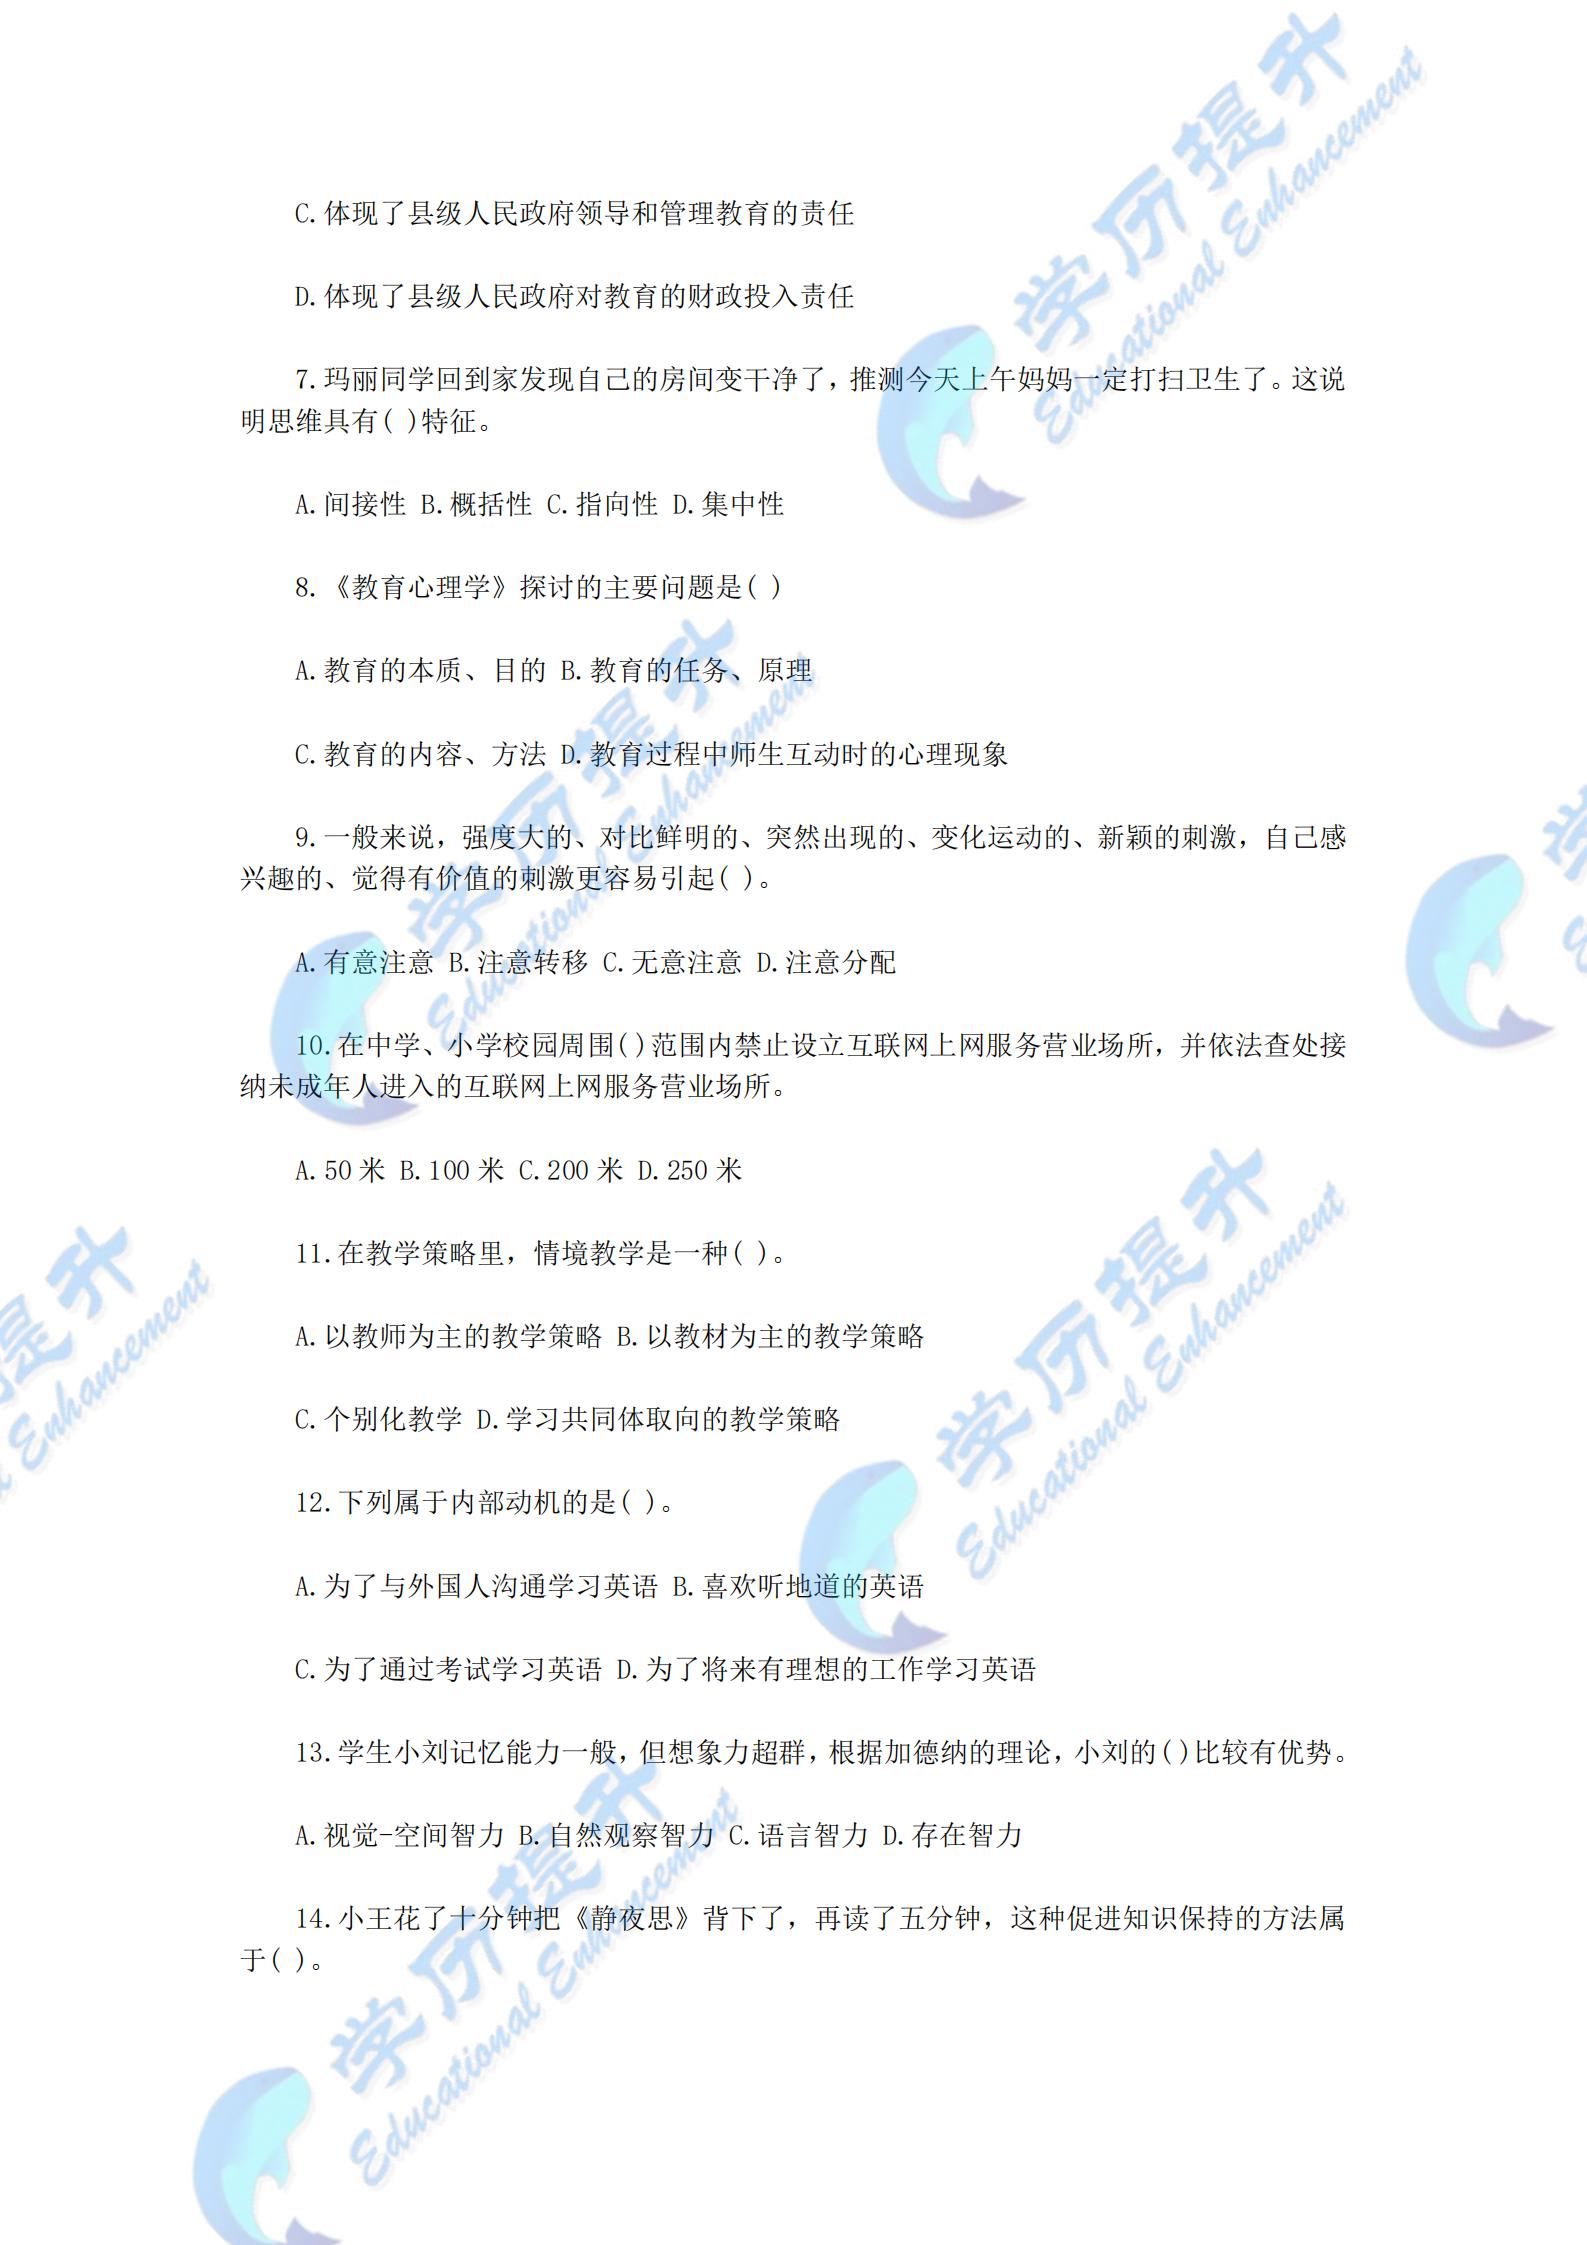 2018年河北邯郸(教师资格证)考试真题及答案